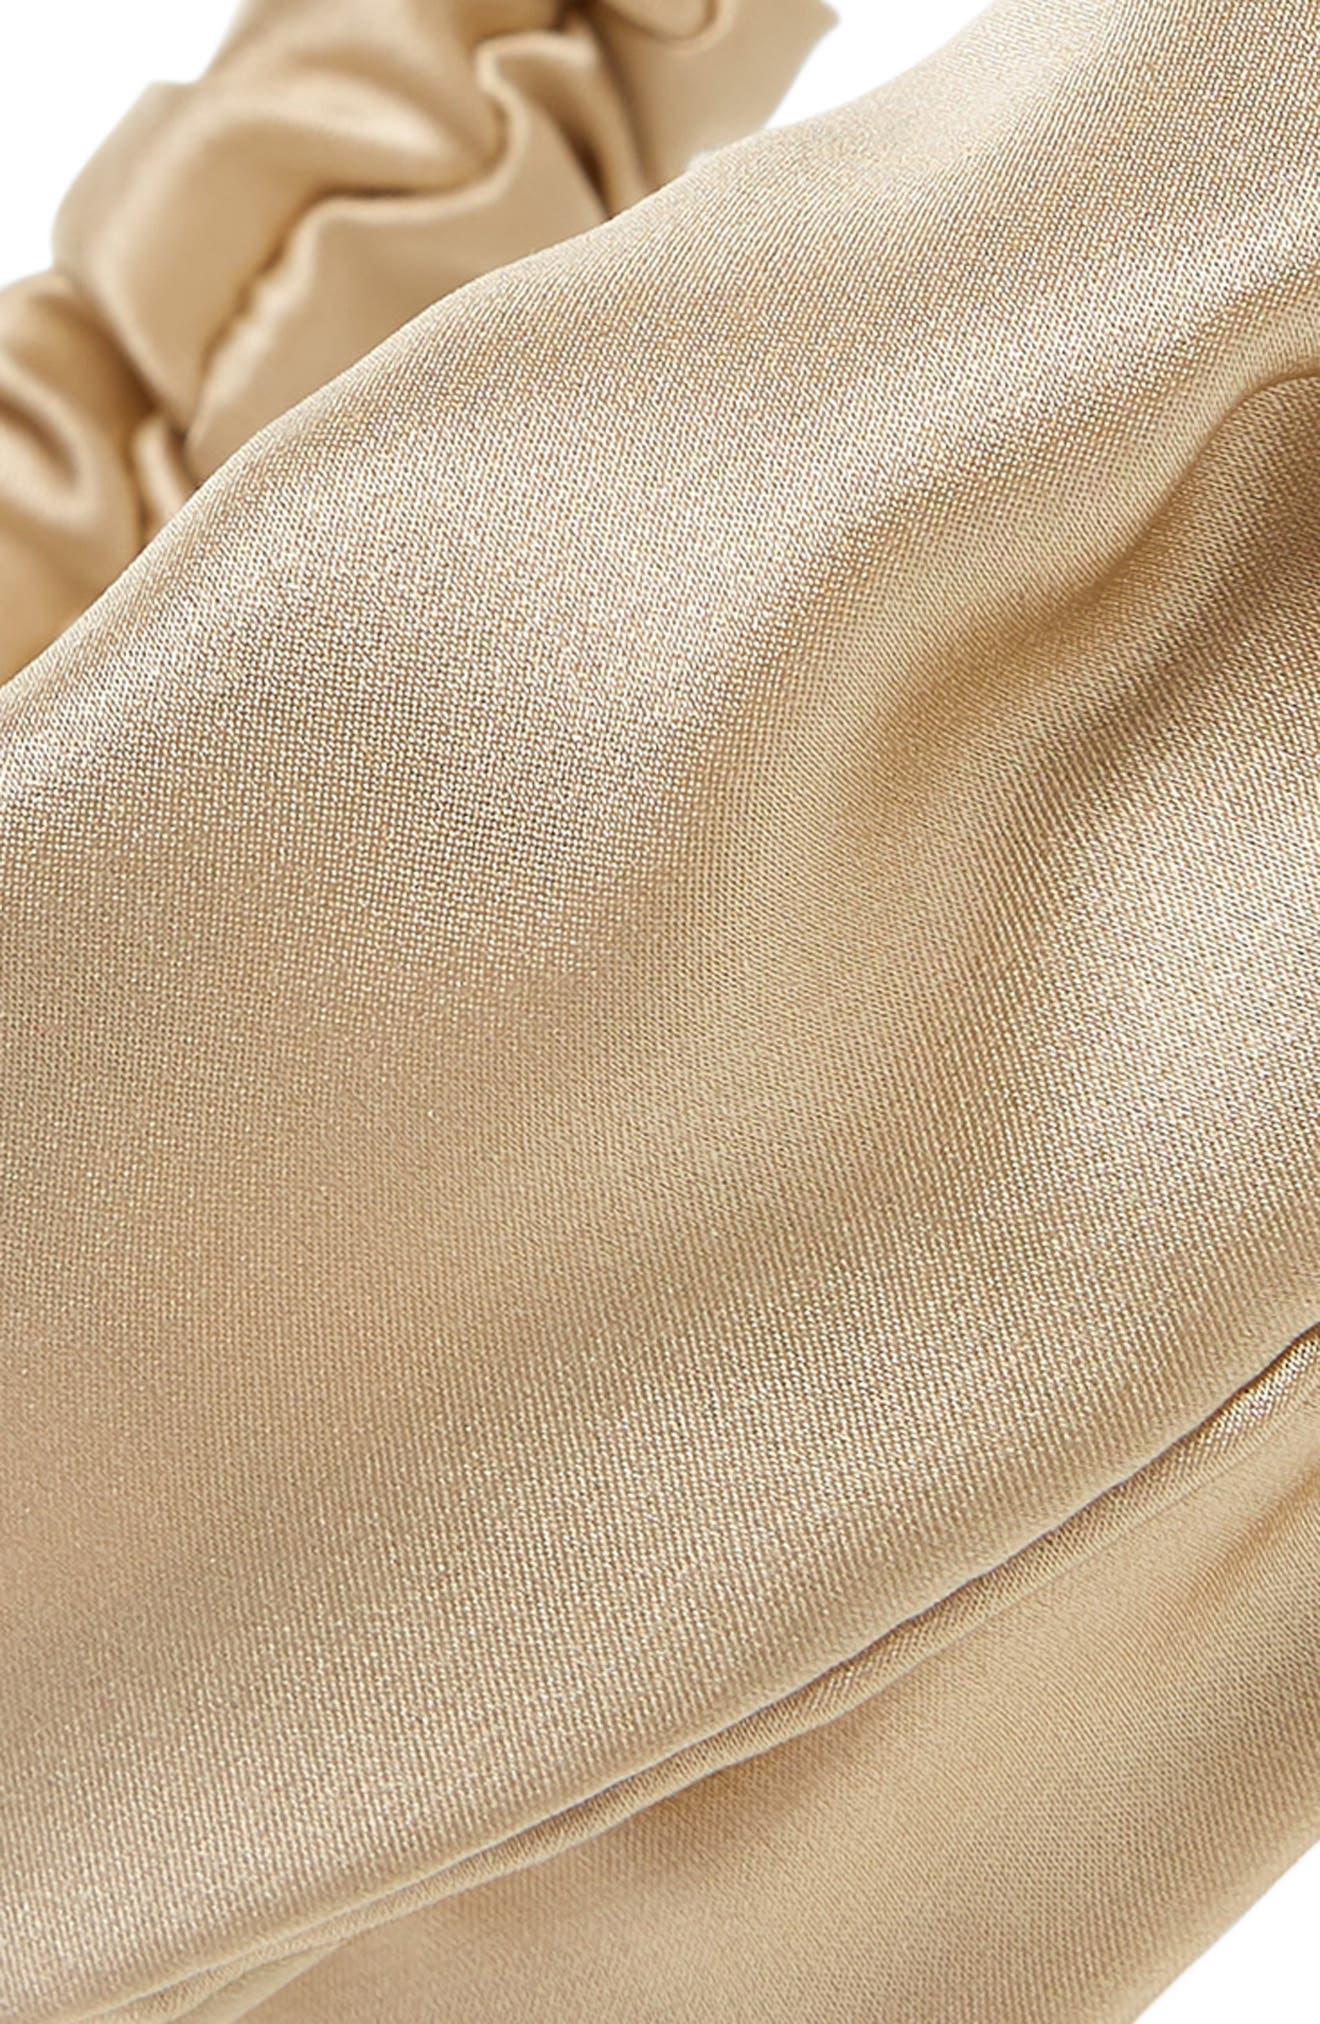 ChaCha Silk Turban Head Wrap,                             Alternate thumbnail 2, color,                             201